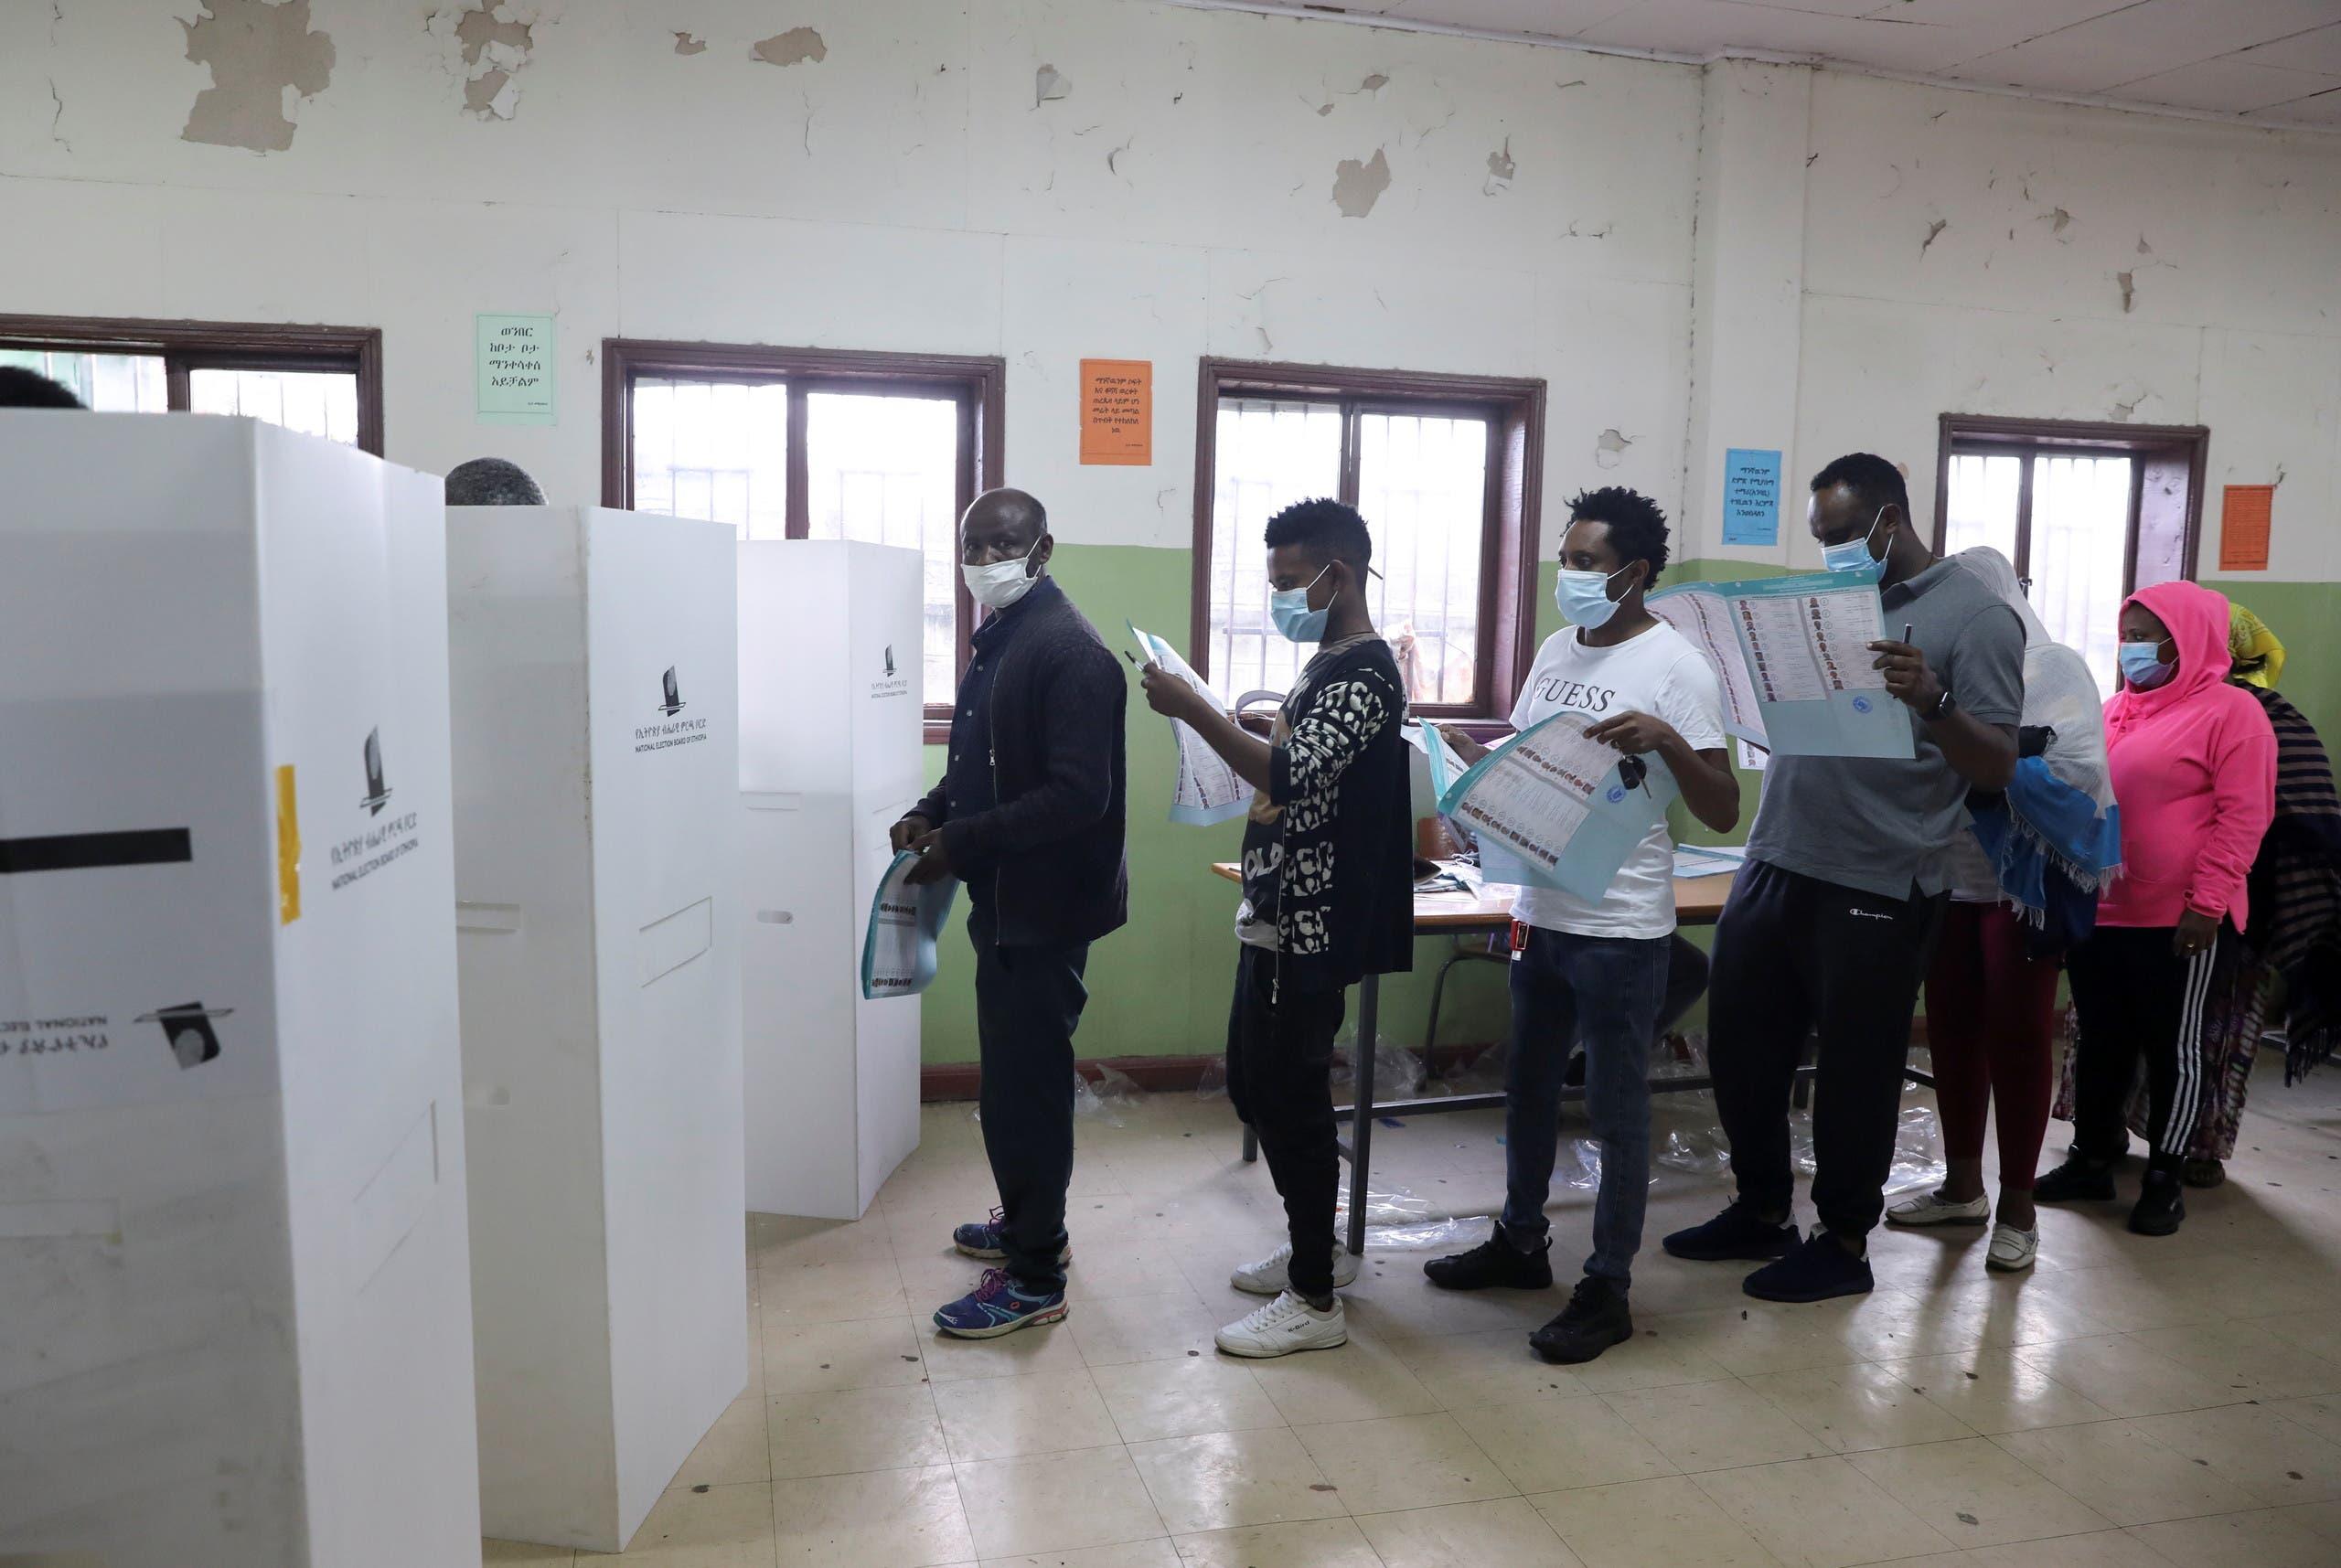 مركز اقتراع في أديس أبابا خلال الانتخابات التي شهتدها إثيوبيا في يونيو الماضي